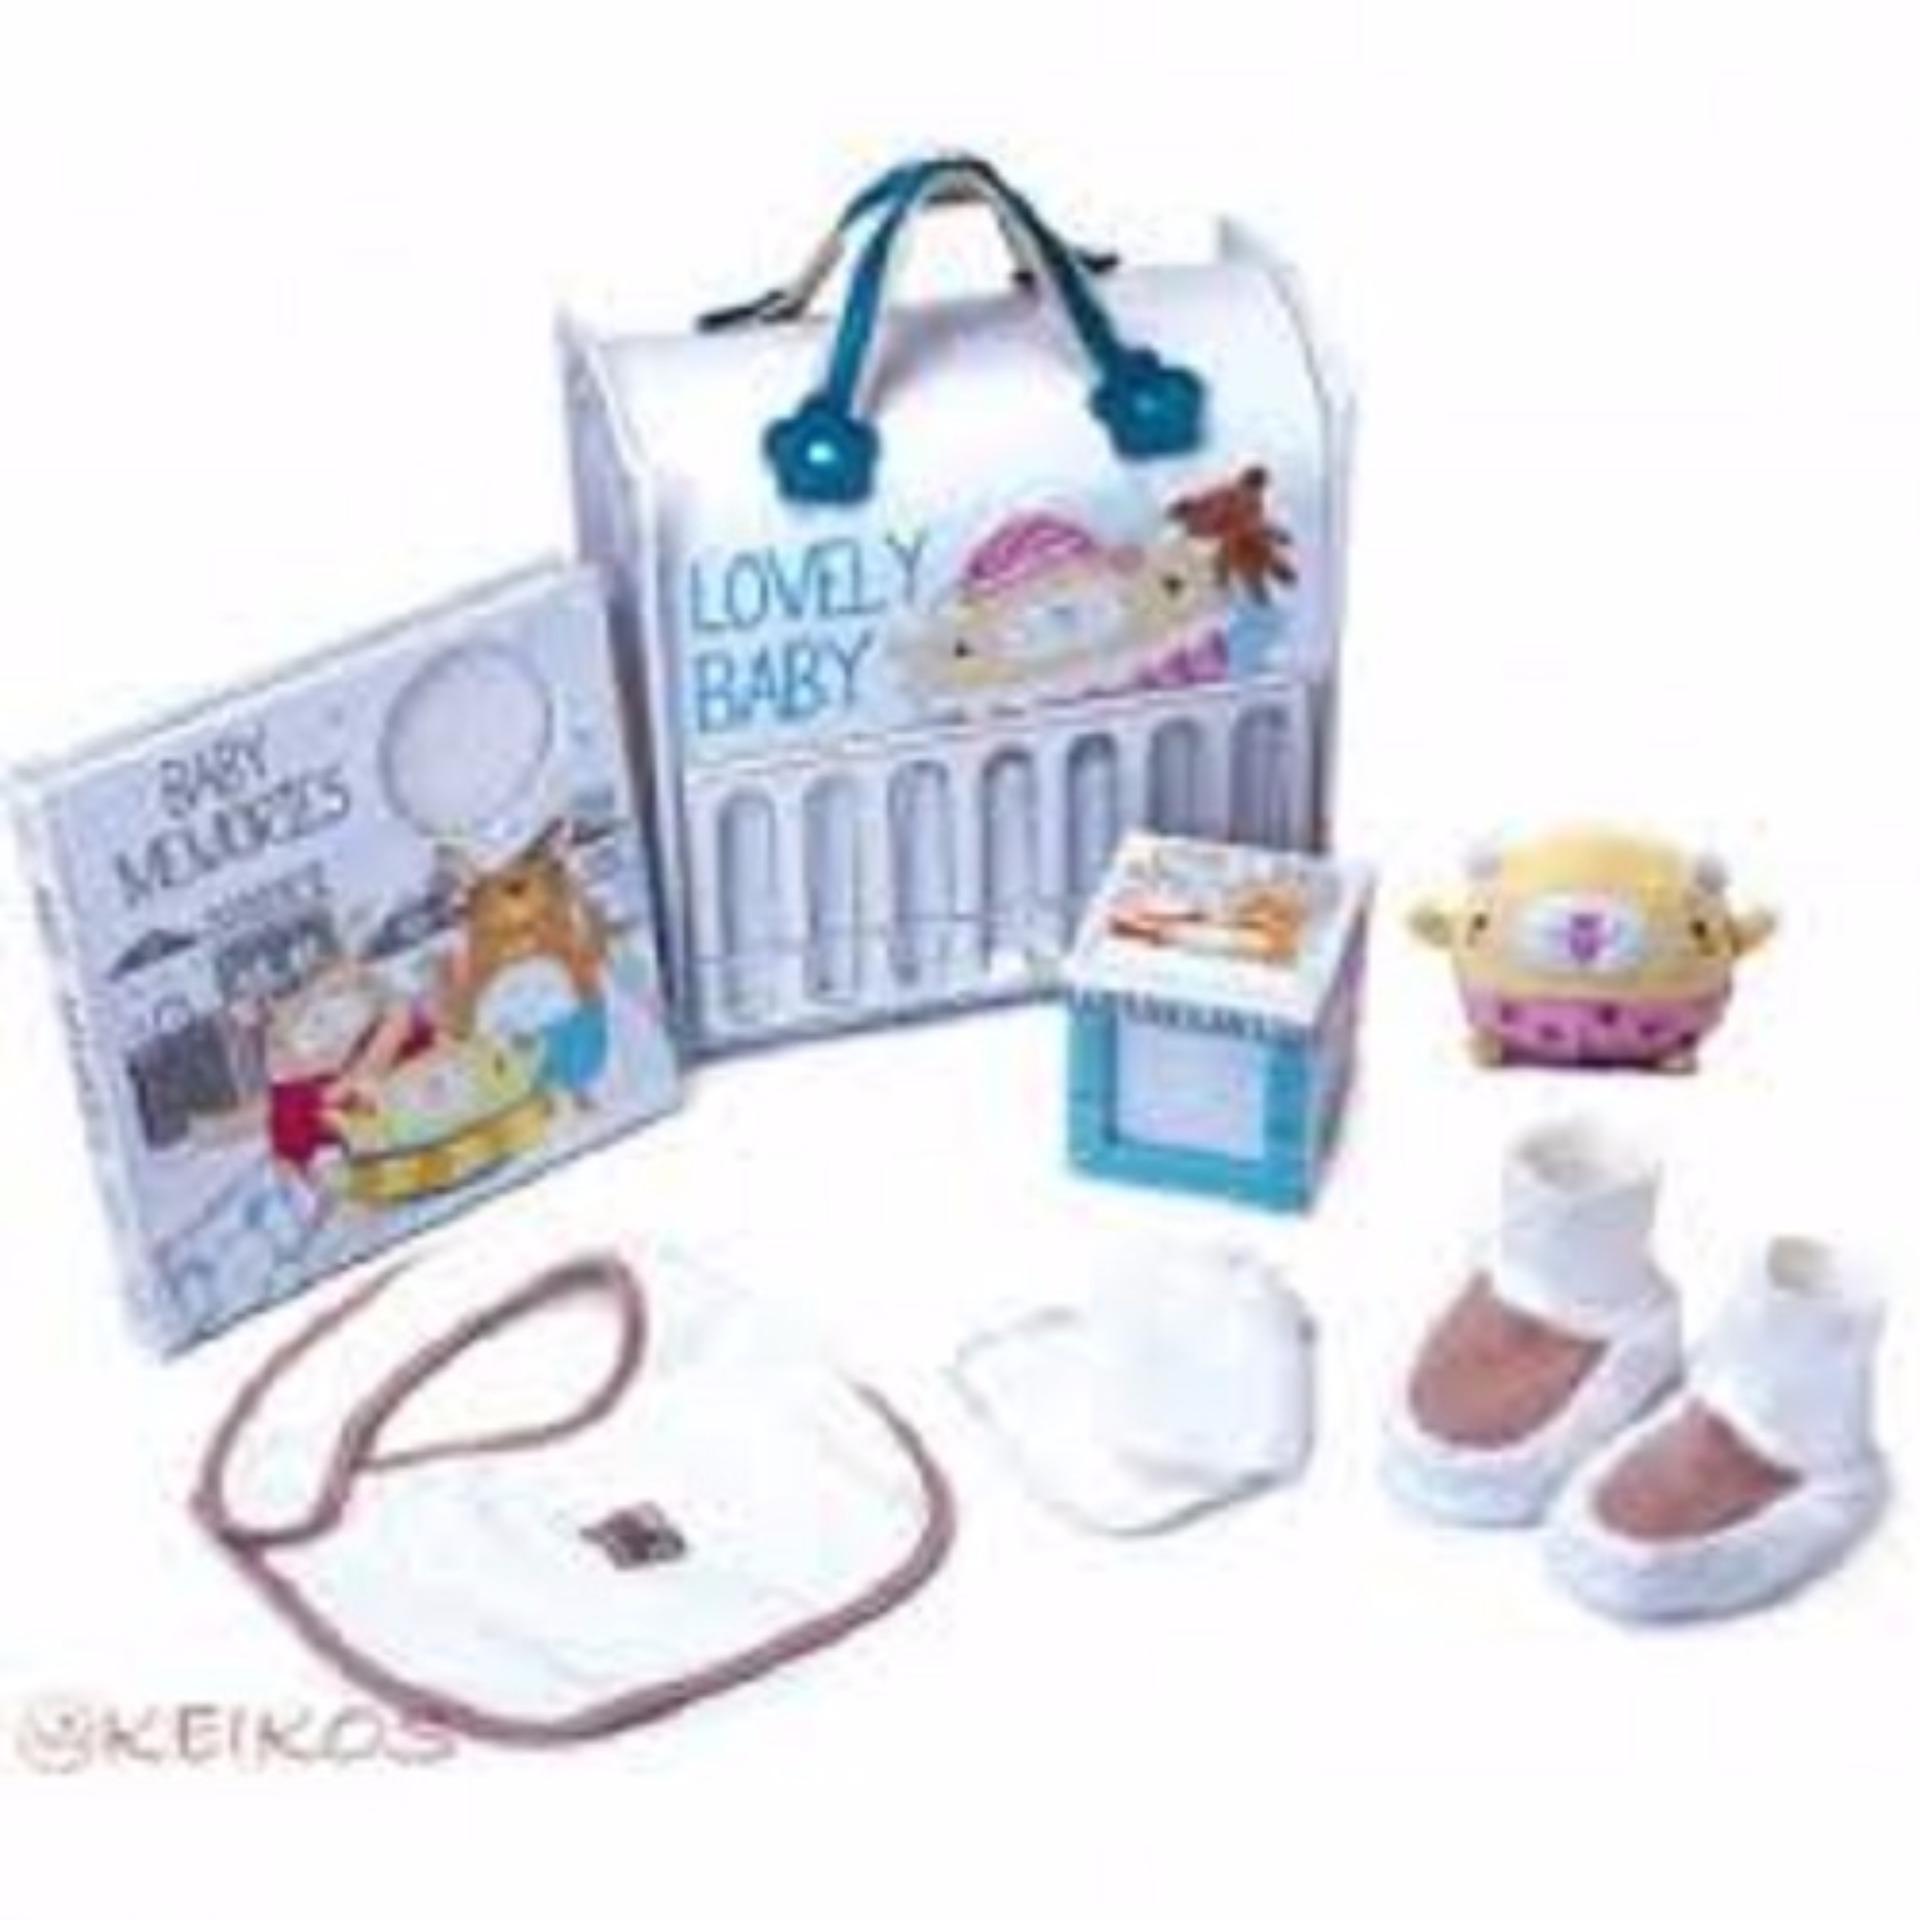 GT Gói quà tặng cho bé Gifthings - Dear Bunny (1 quyển album hình + 1 hộp lưu niệm Tiny + 1 chú thỏ nhồi bông + 1 đôi găng tay +